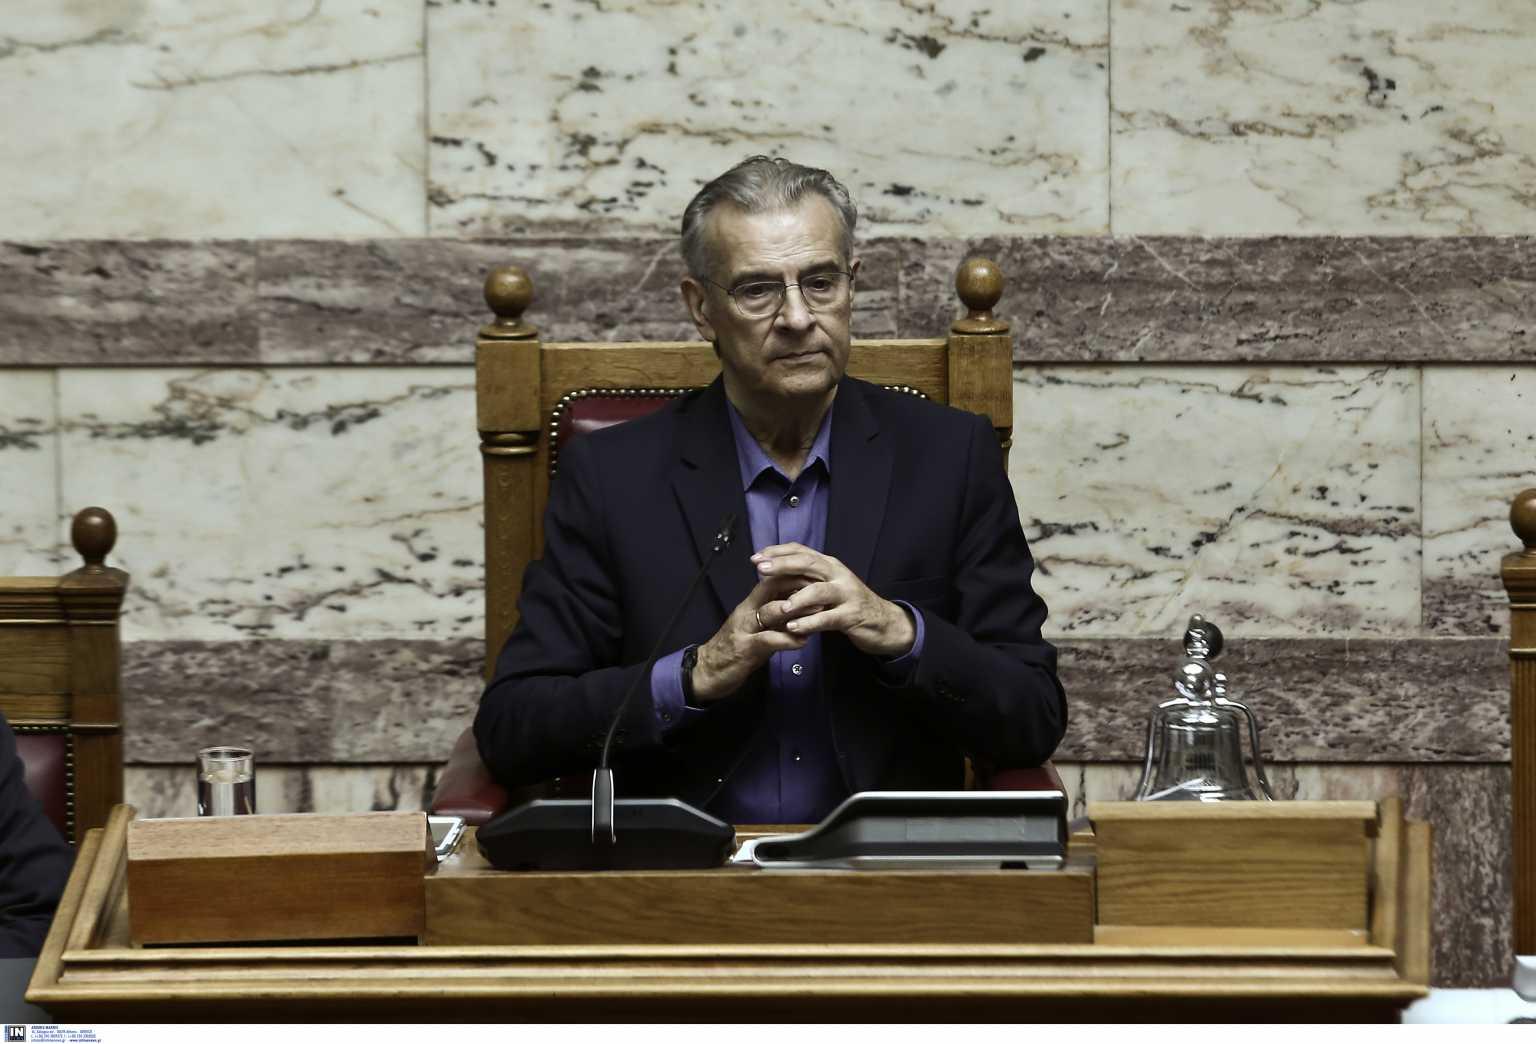 ΣΥΡΙΖΑ: Πέθανε ο Τάσος Κουράκης